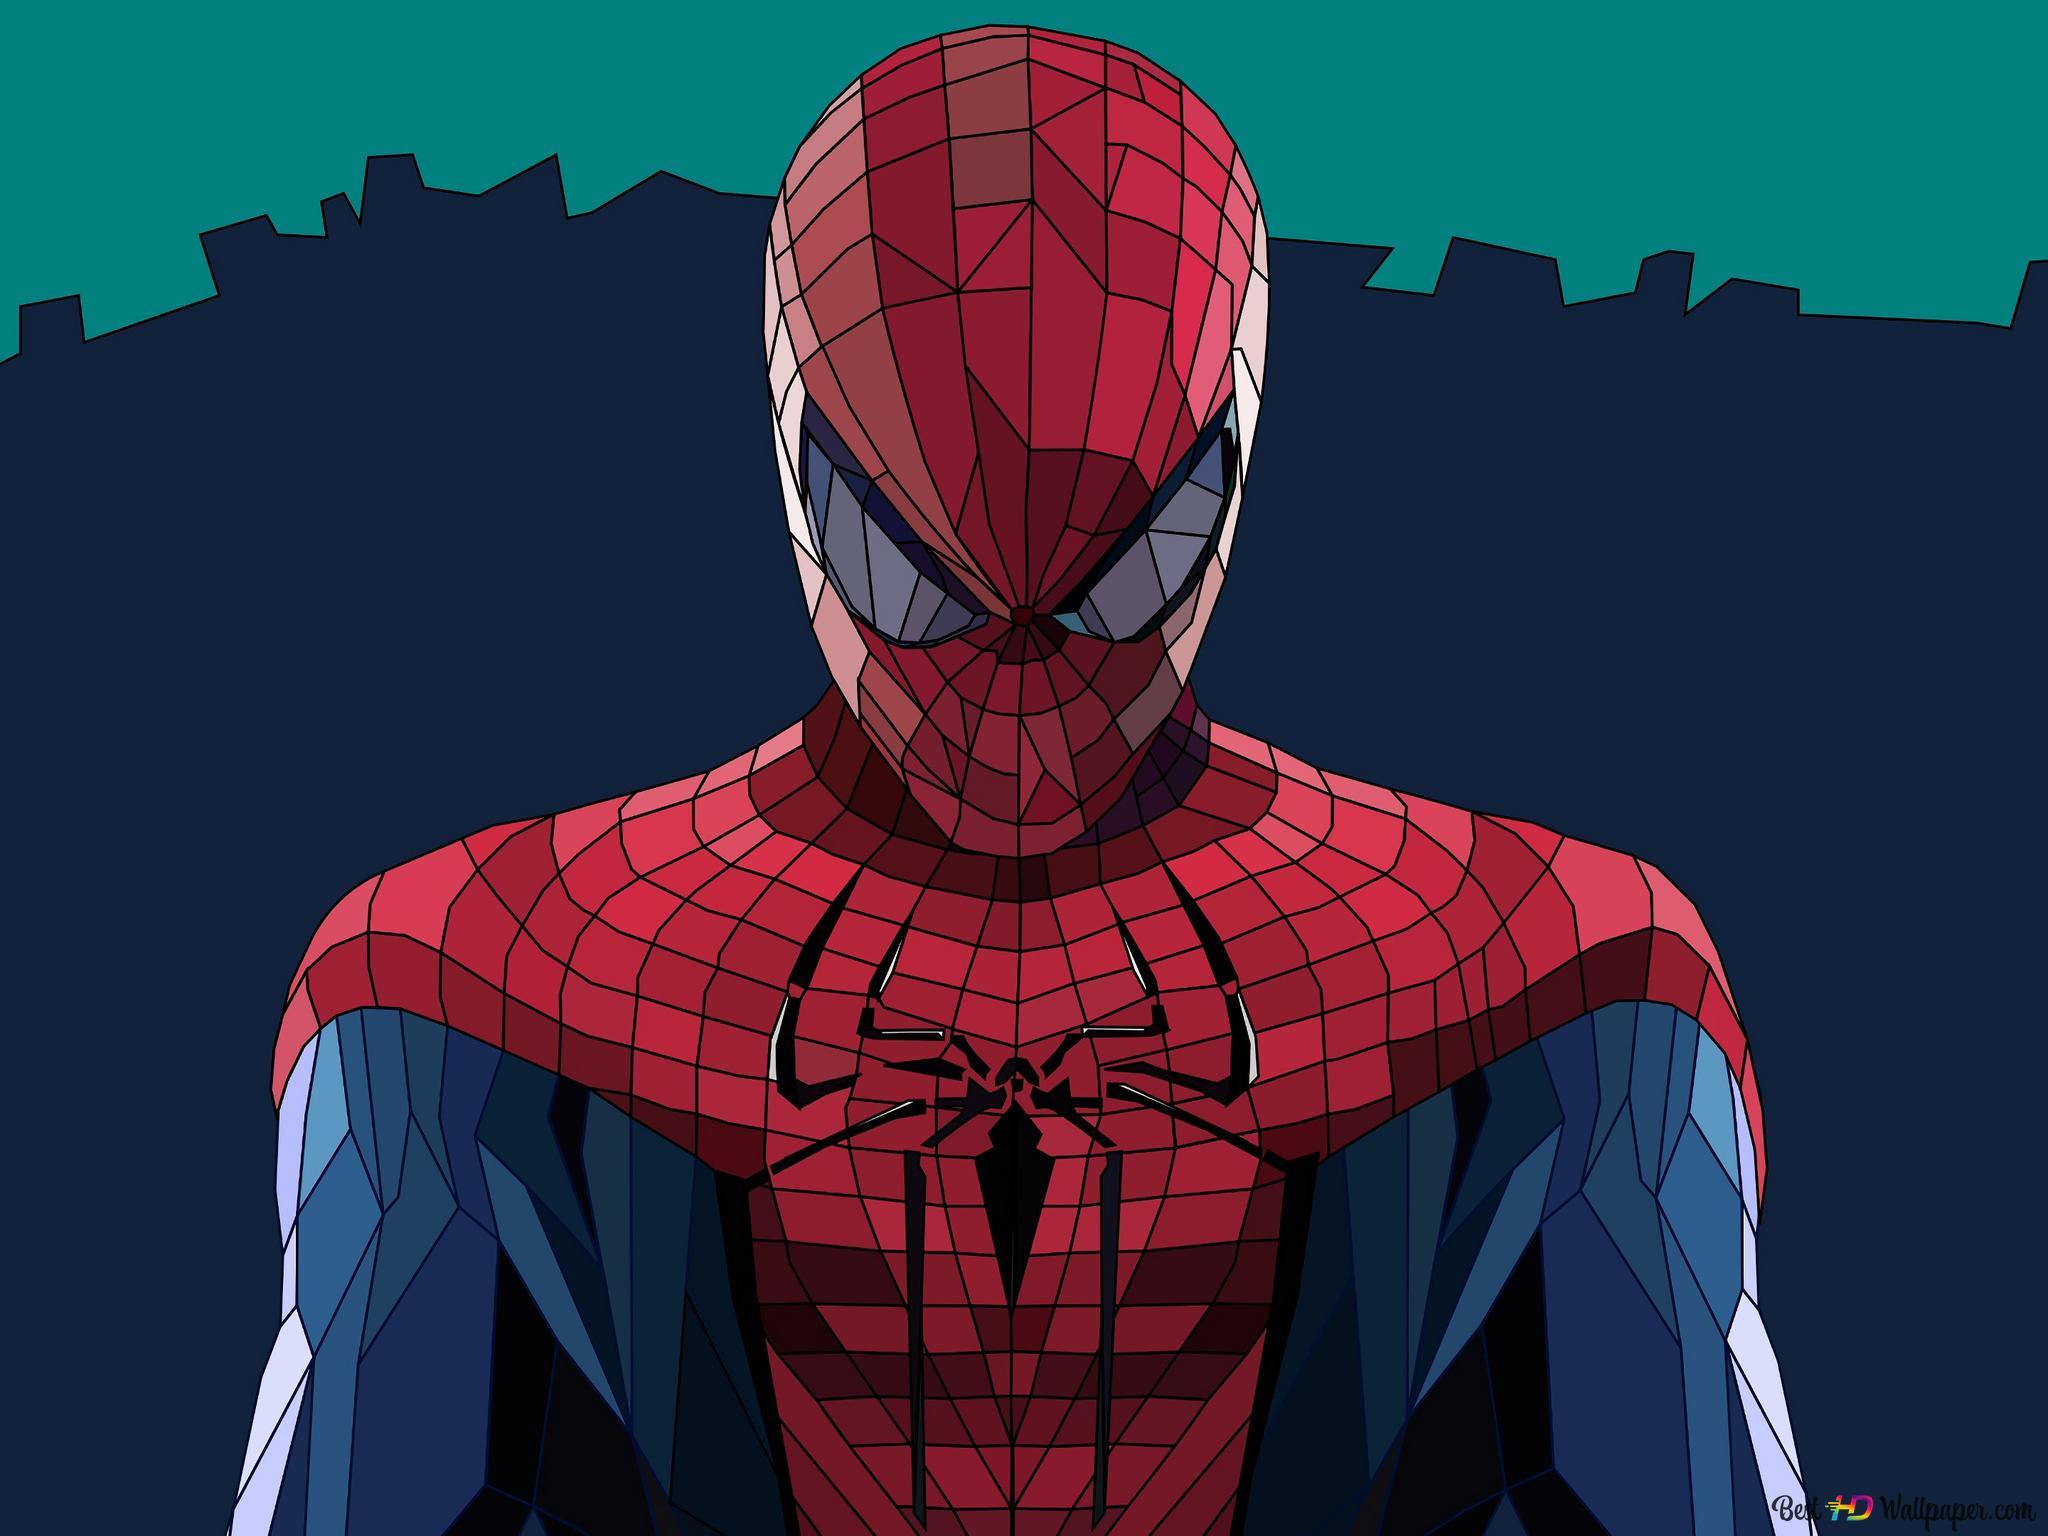 Spiderman Marvel Comics Hd Wallpaper Download